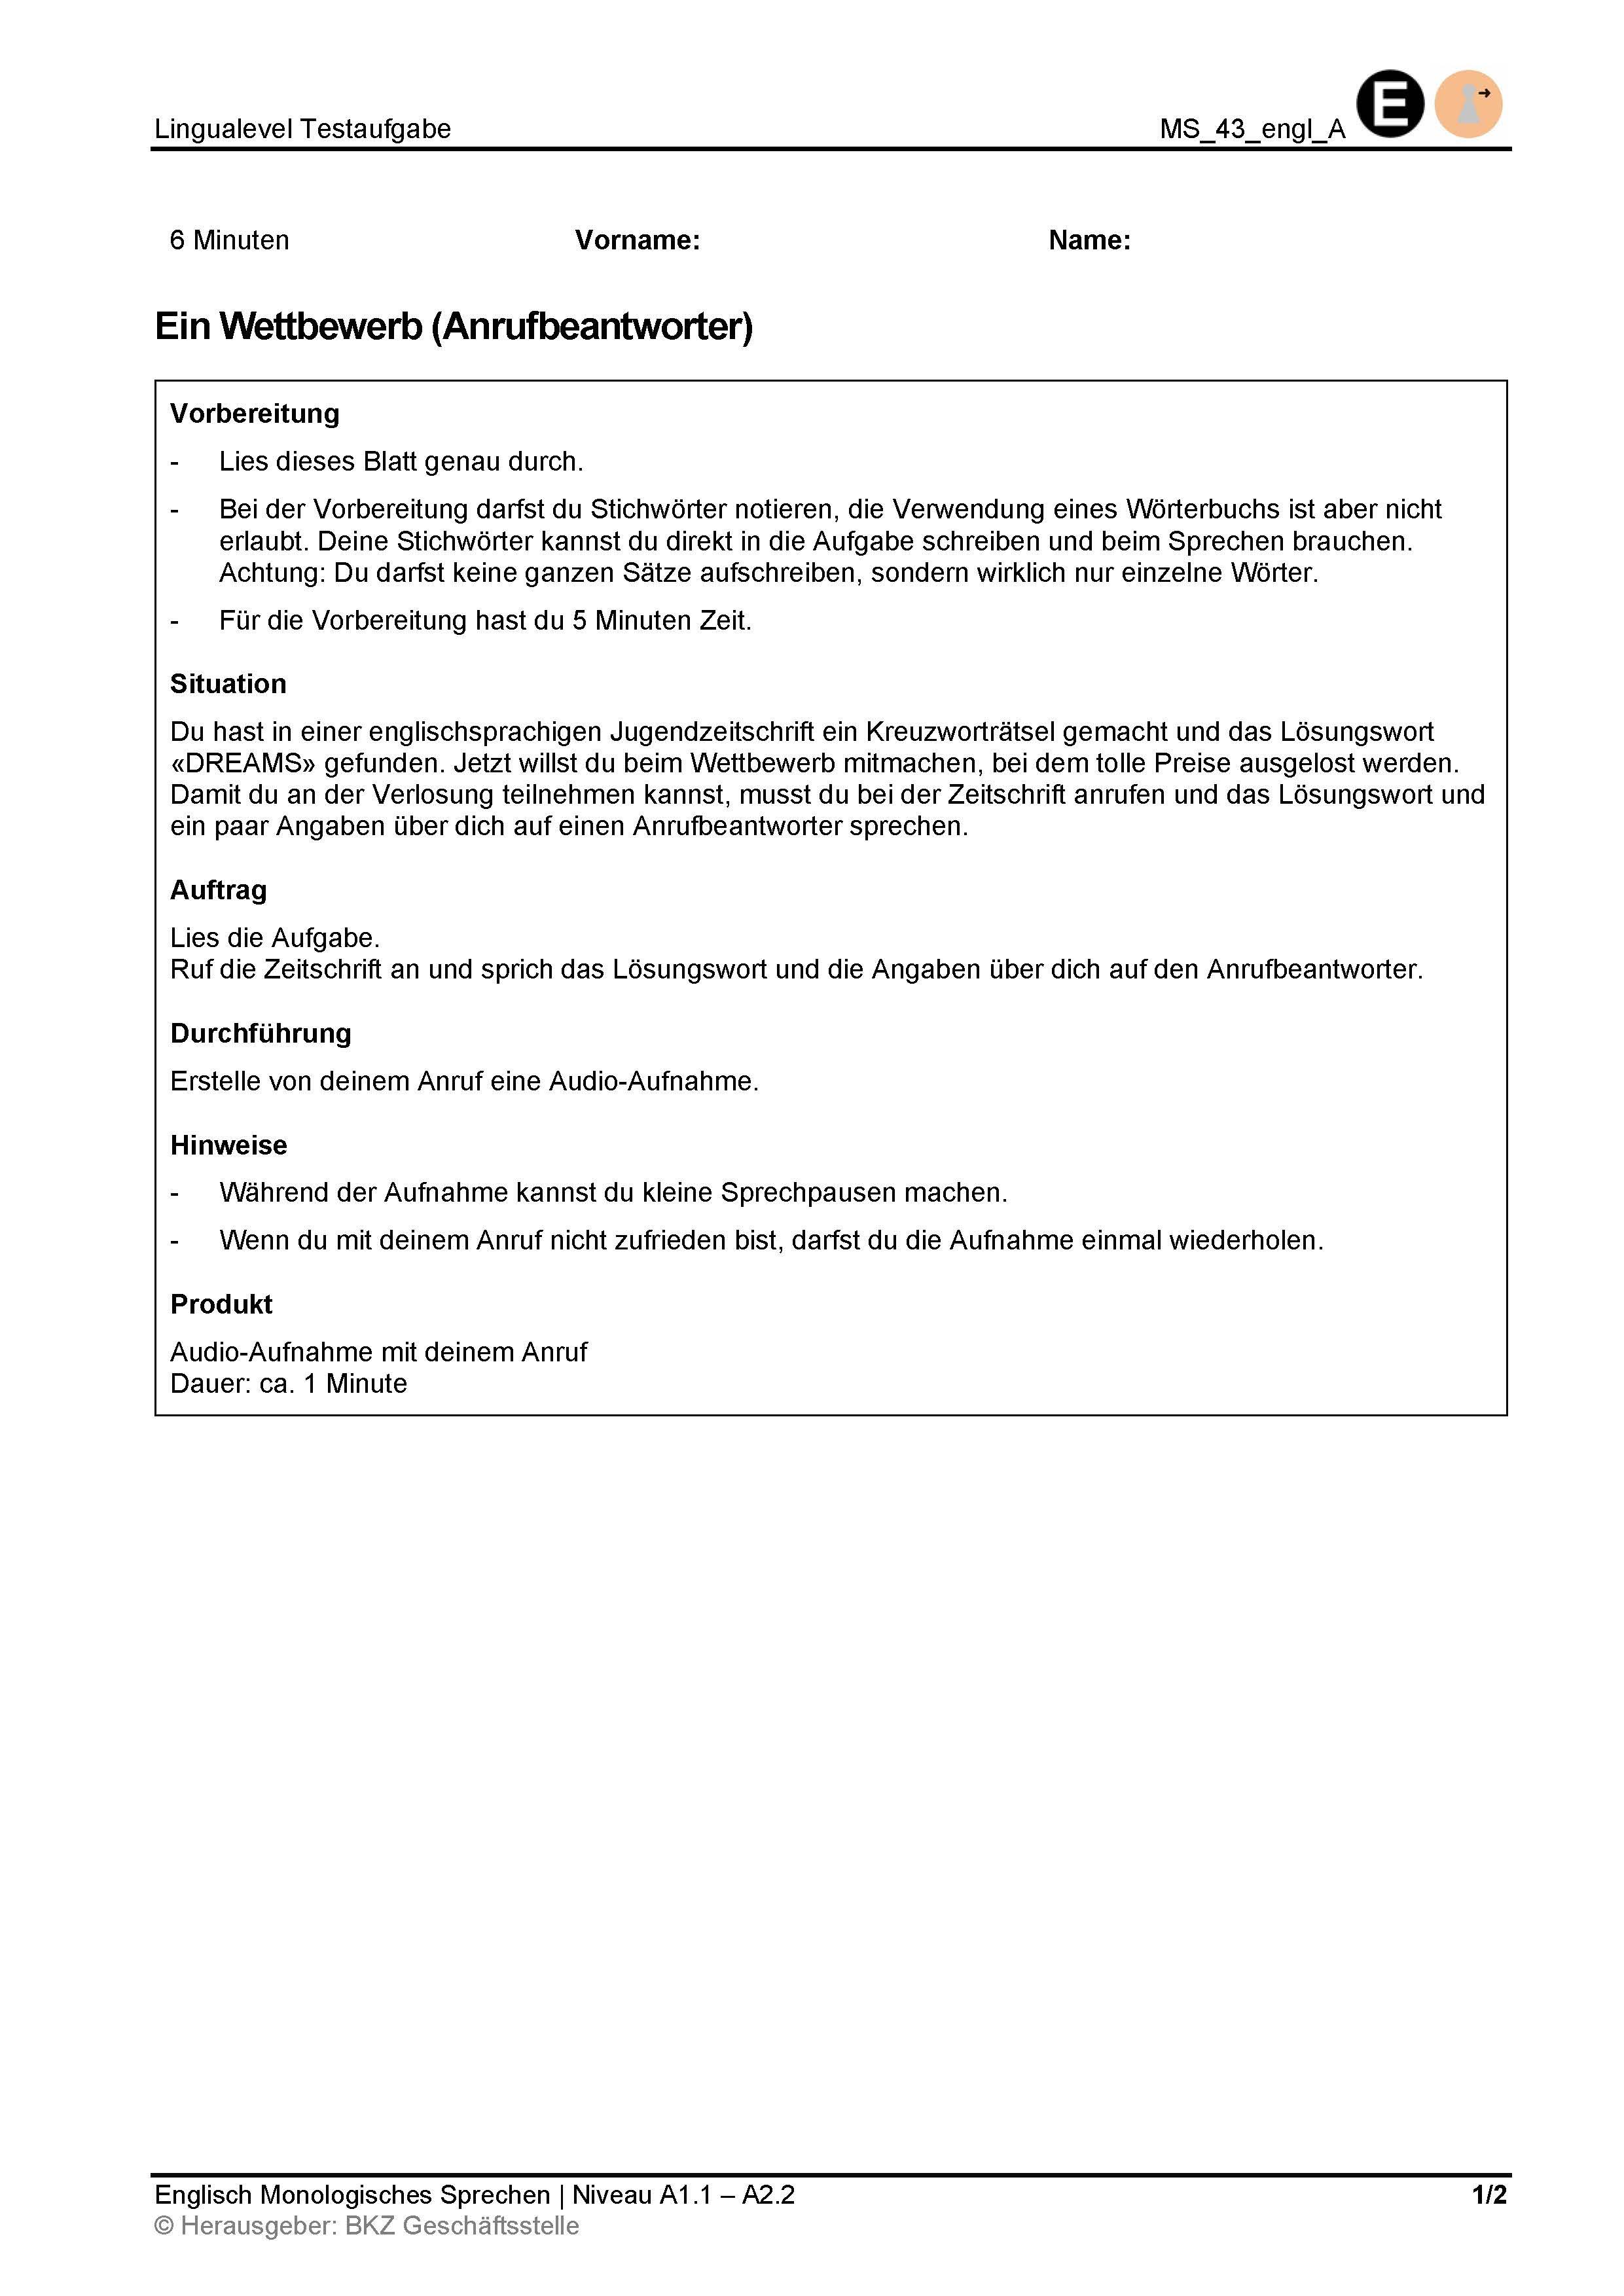 Preview image for LOM object Monologisches Sprechen: Ein Wettbewerb (Anrufbeantworter)